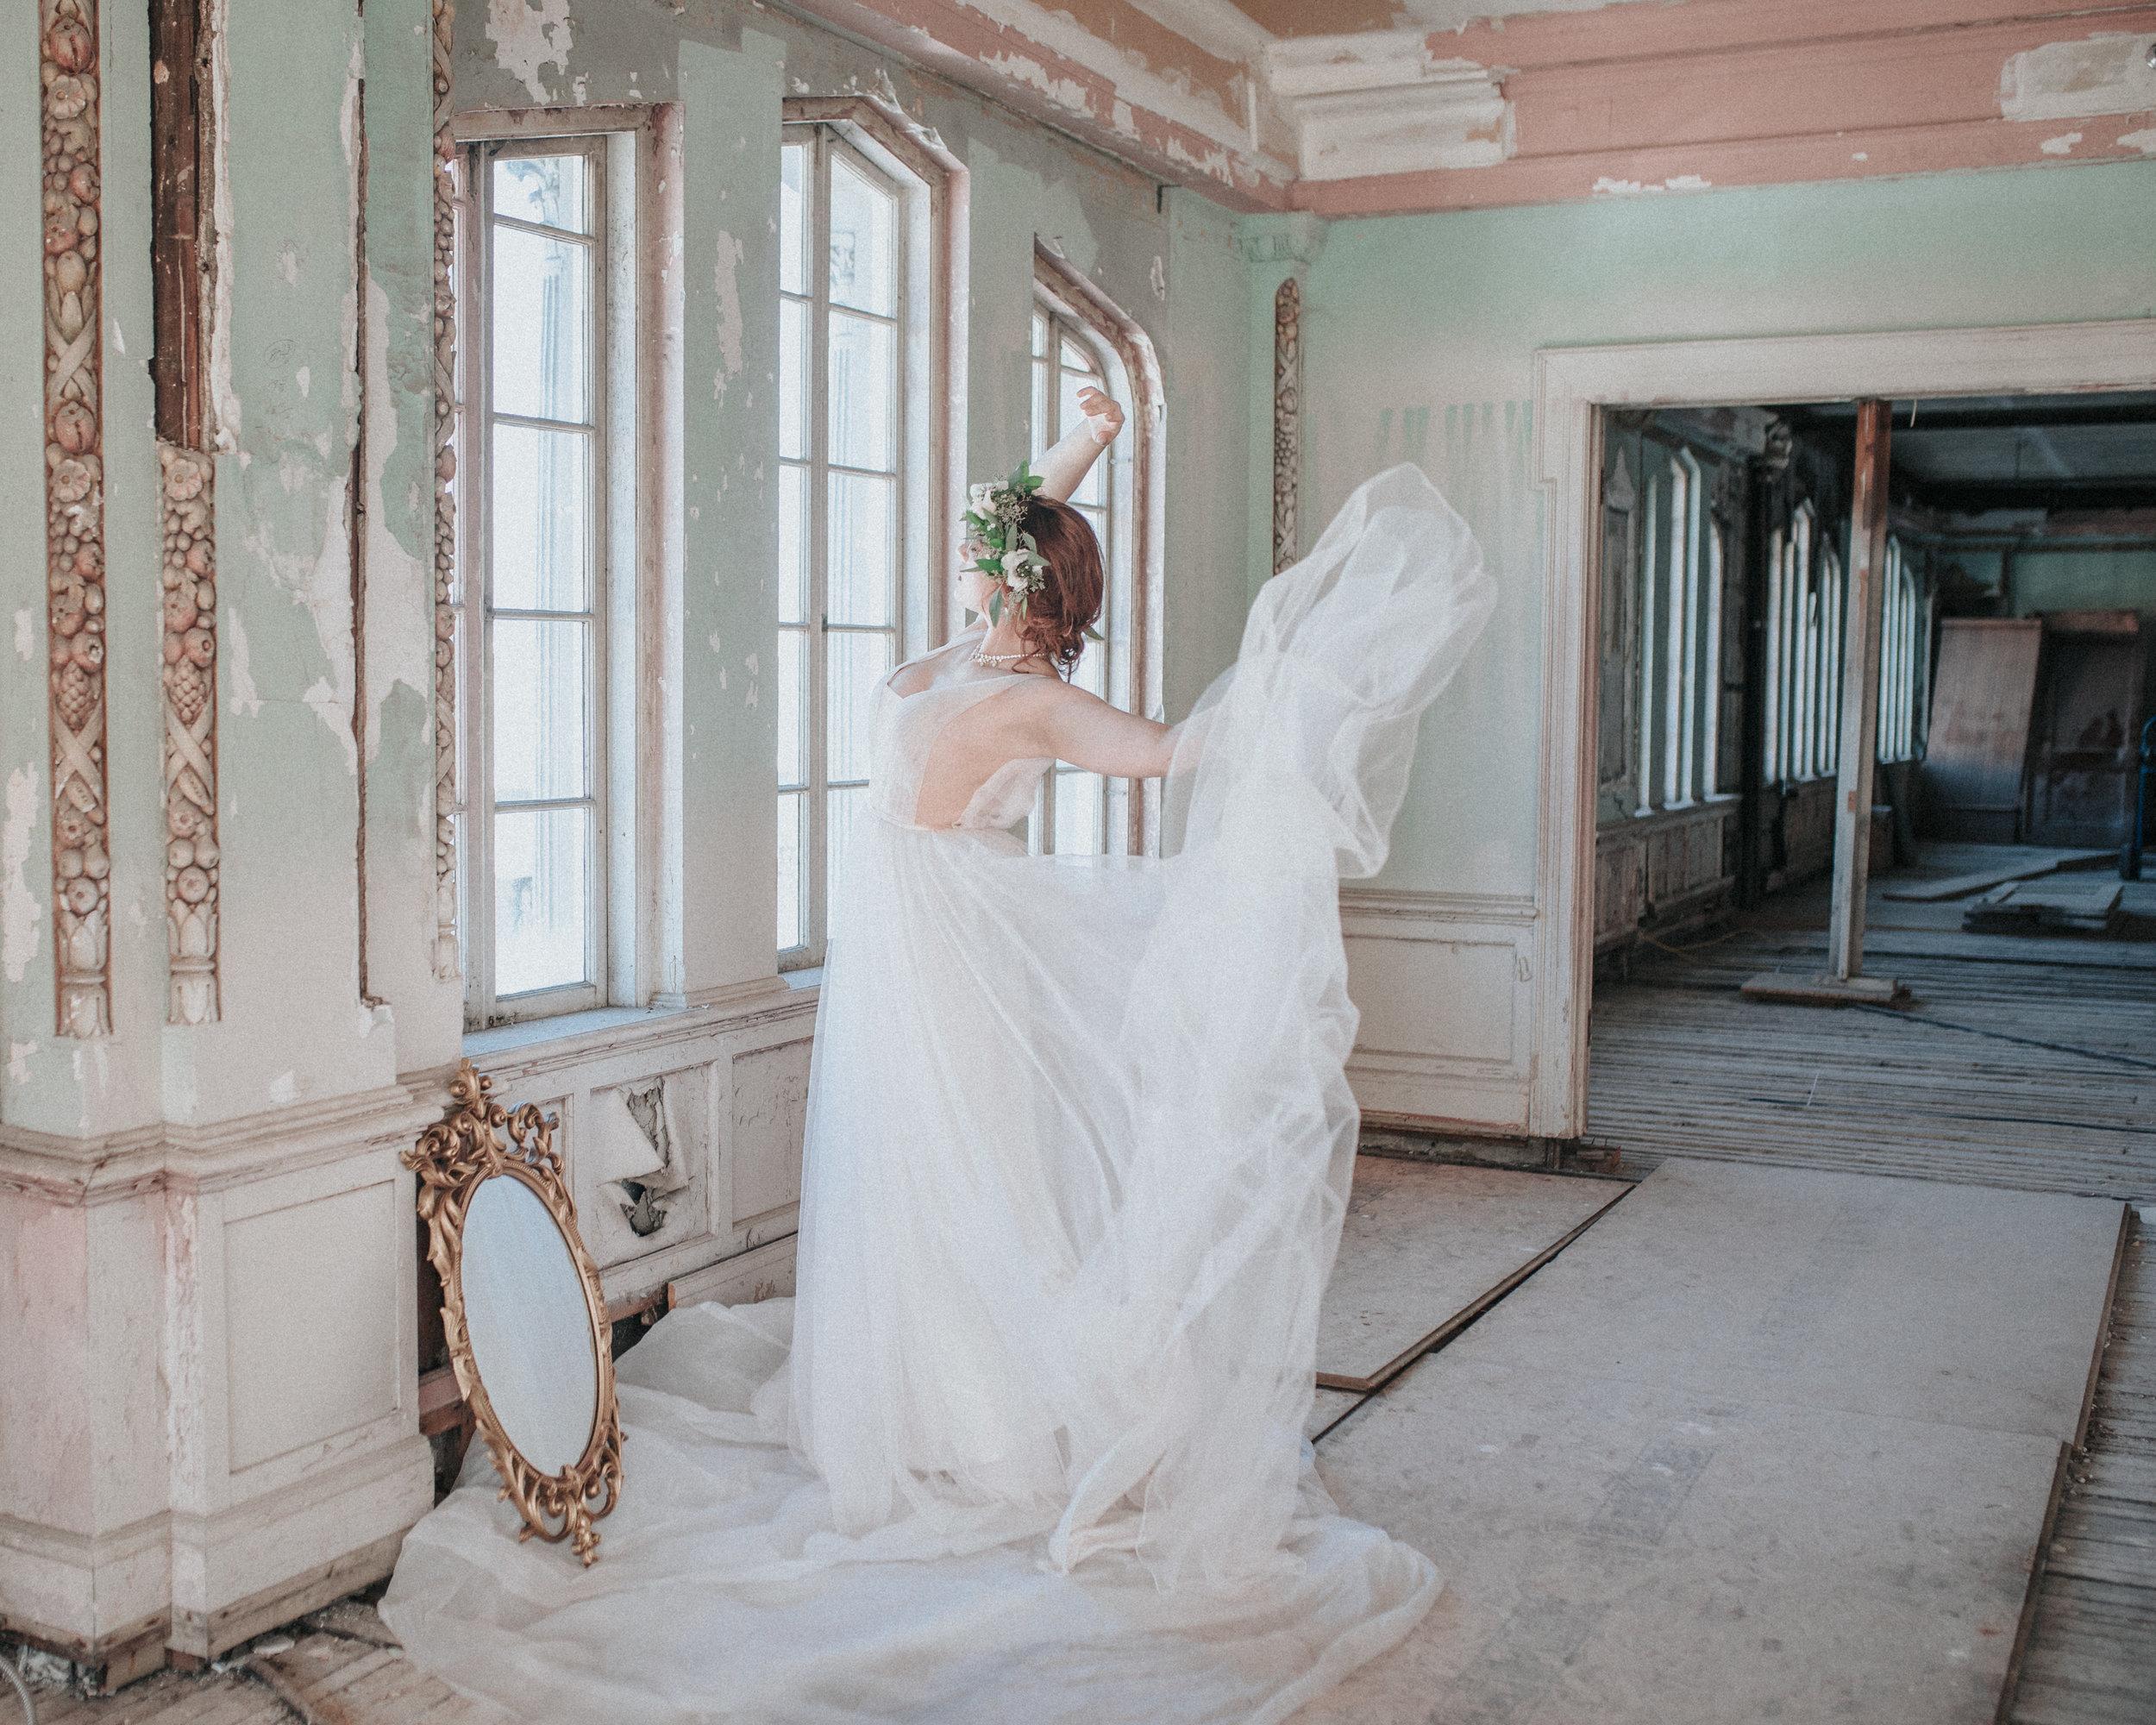 Rachel-Salisbury-Photography-Among-The-Ruins-09.jpg